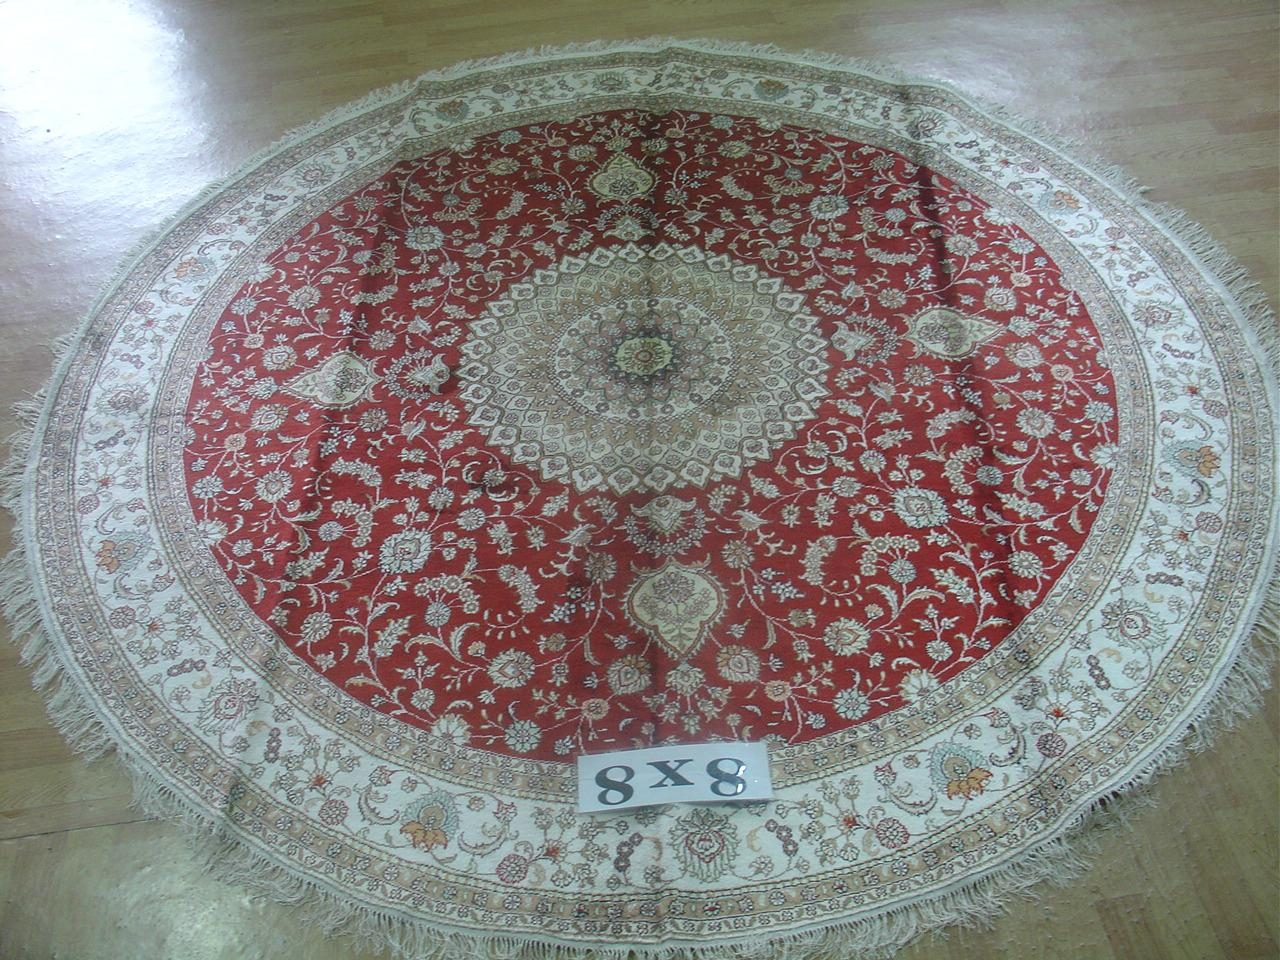 世界名毯-亚美批发圆形真丝地毯 圆形手工波斯地毯 1